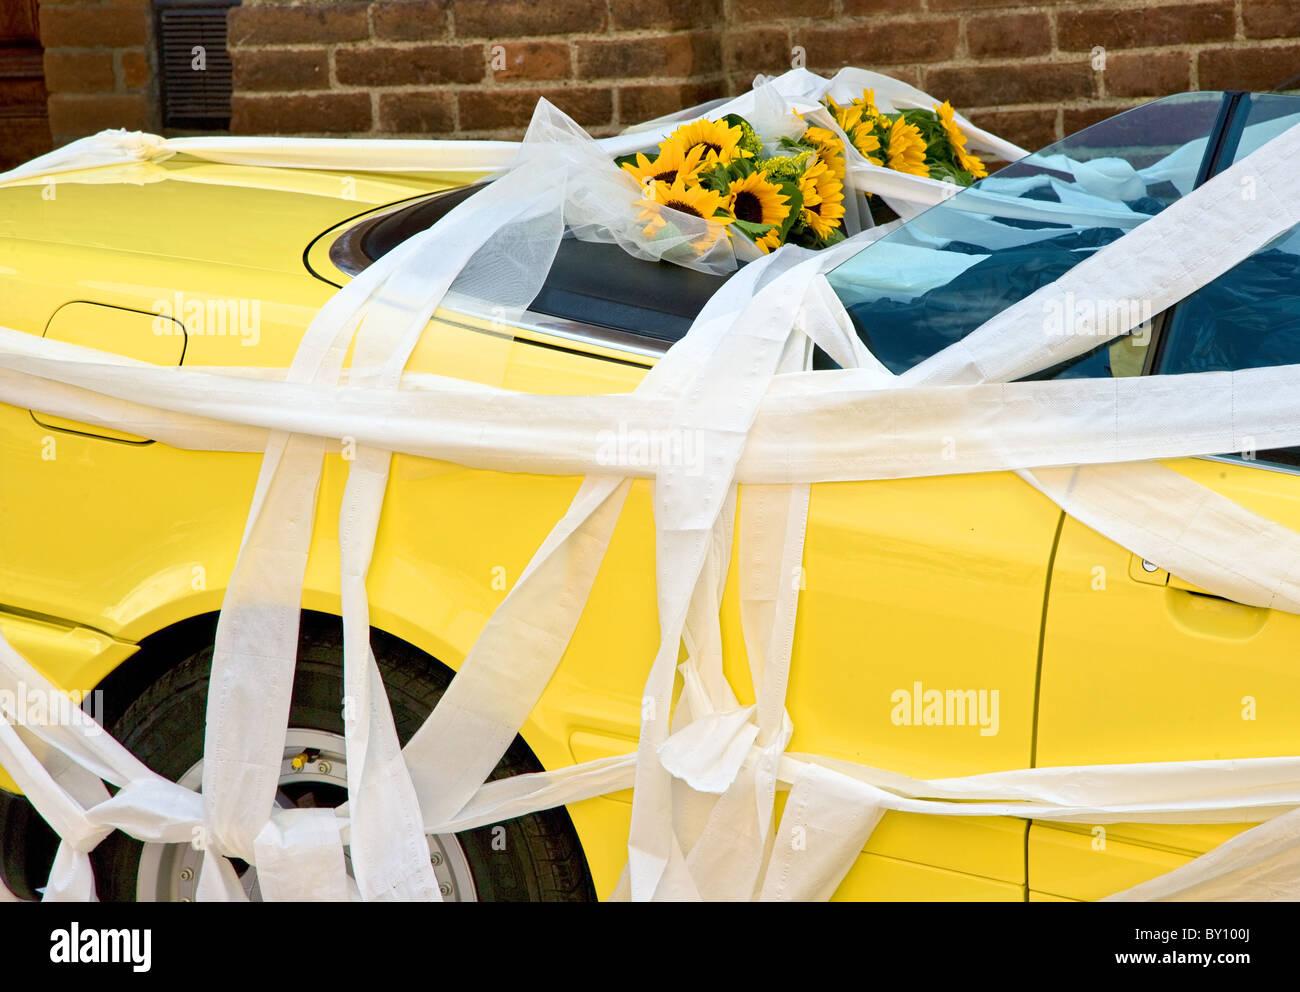 Papier-Bänder Girlande gelb Alpha Romeo Cabrio mit Sonnenblumen auf dem Rücksitz bei einer italienischen Stockbild